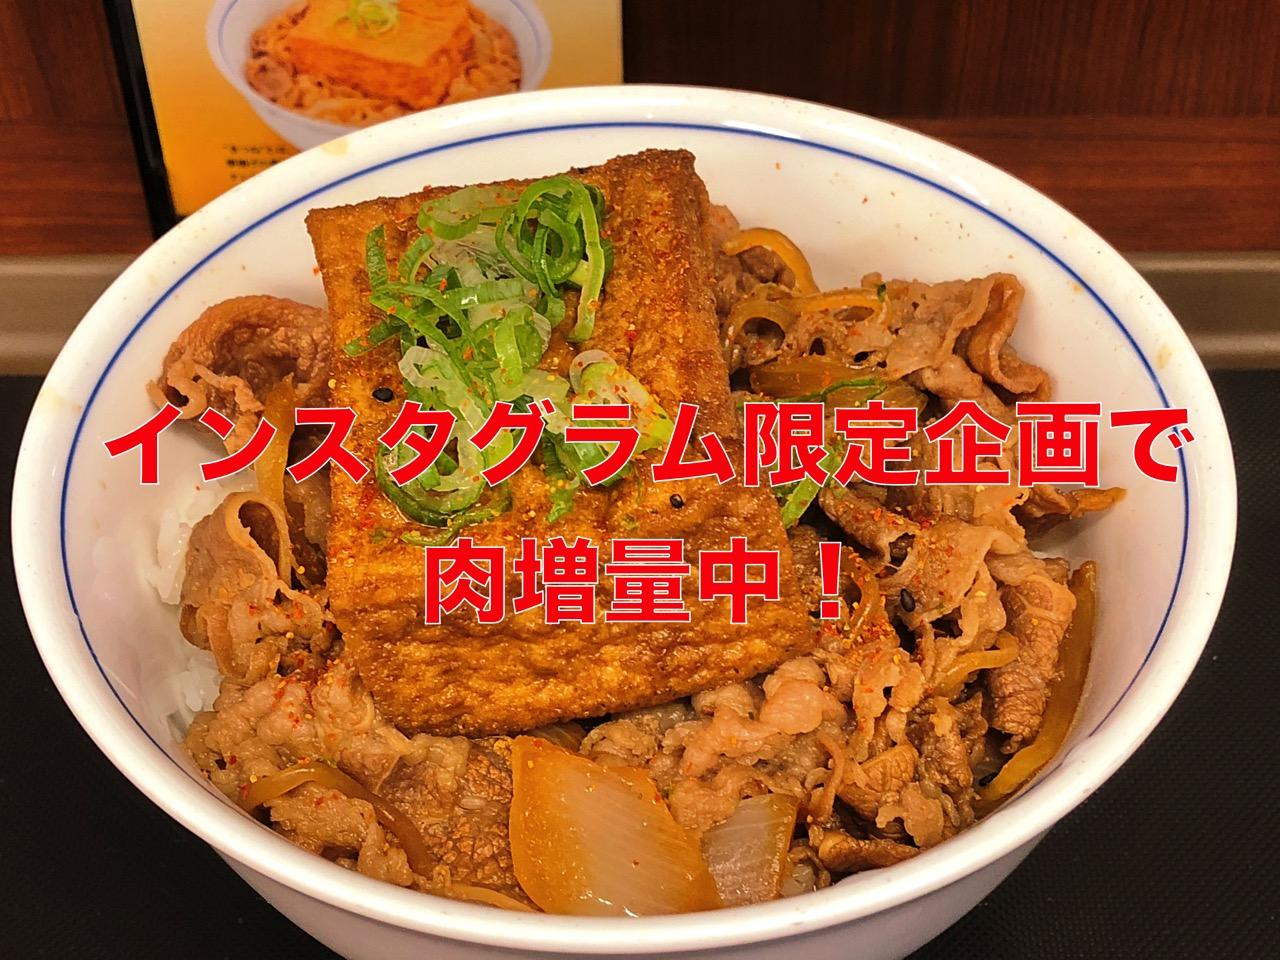 追記あり:【8/31まで→9/30までに延長決定!】池袋の牛丼店「牛若丸」が肉増量のキャンペーンを実施中!